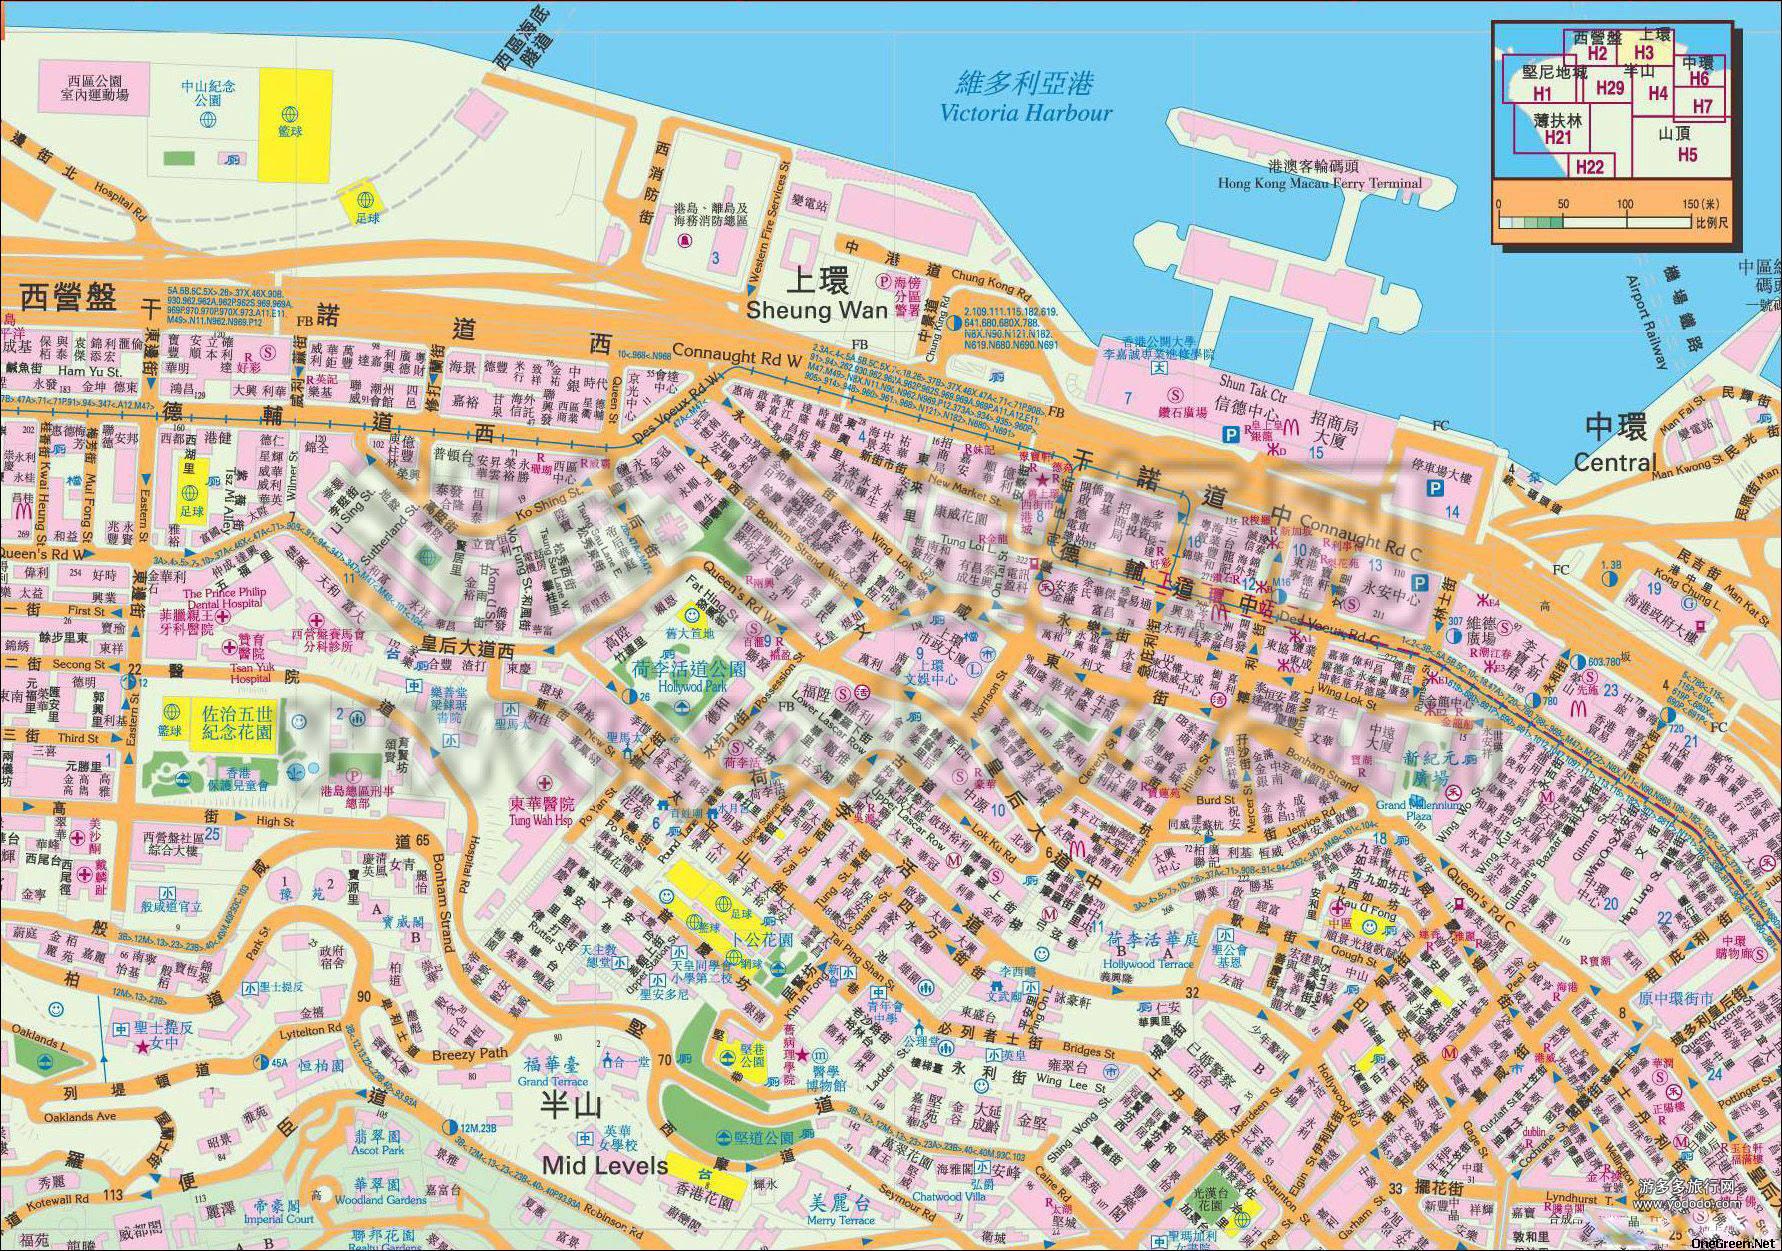 地图 香港/香港中环地图高清版